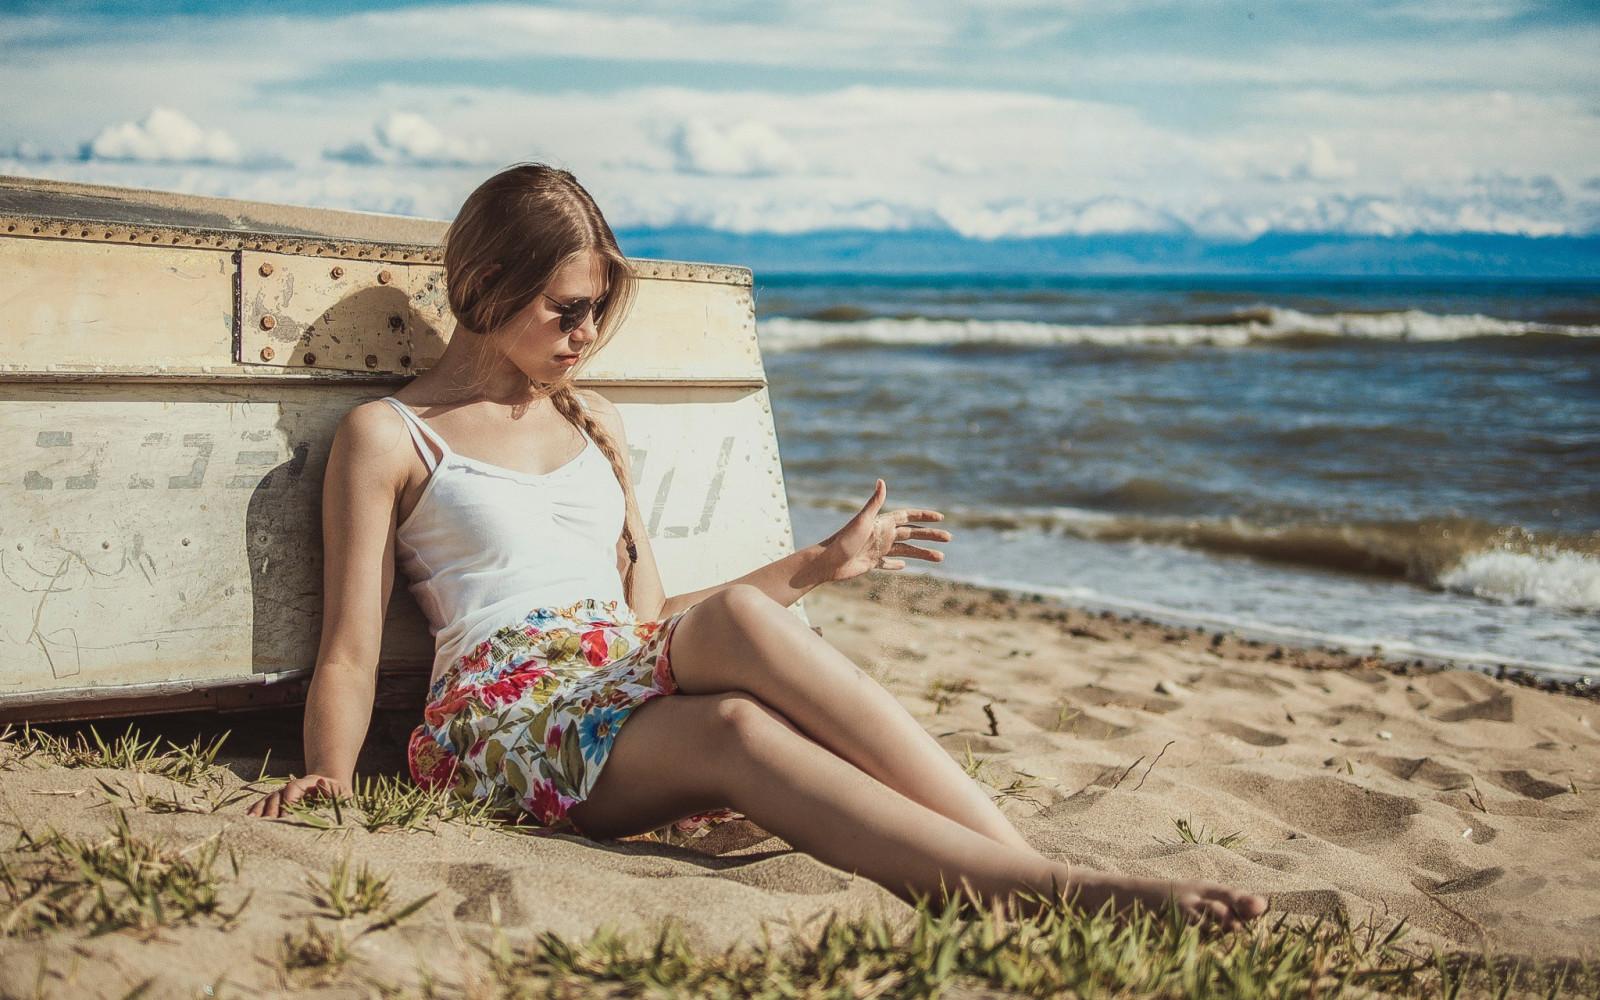 Wallpaper : women outdoors, model, depth of field, sea